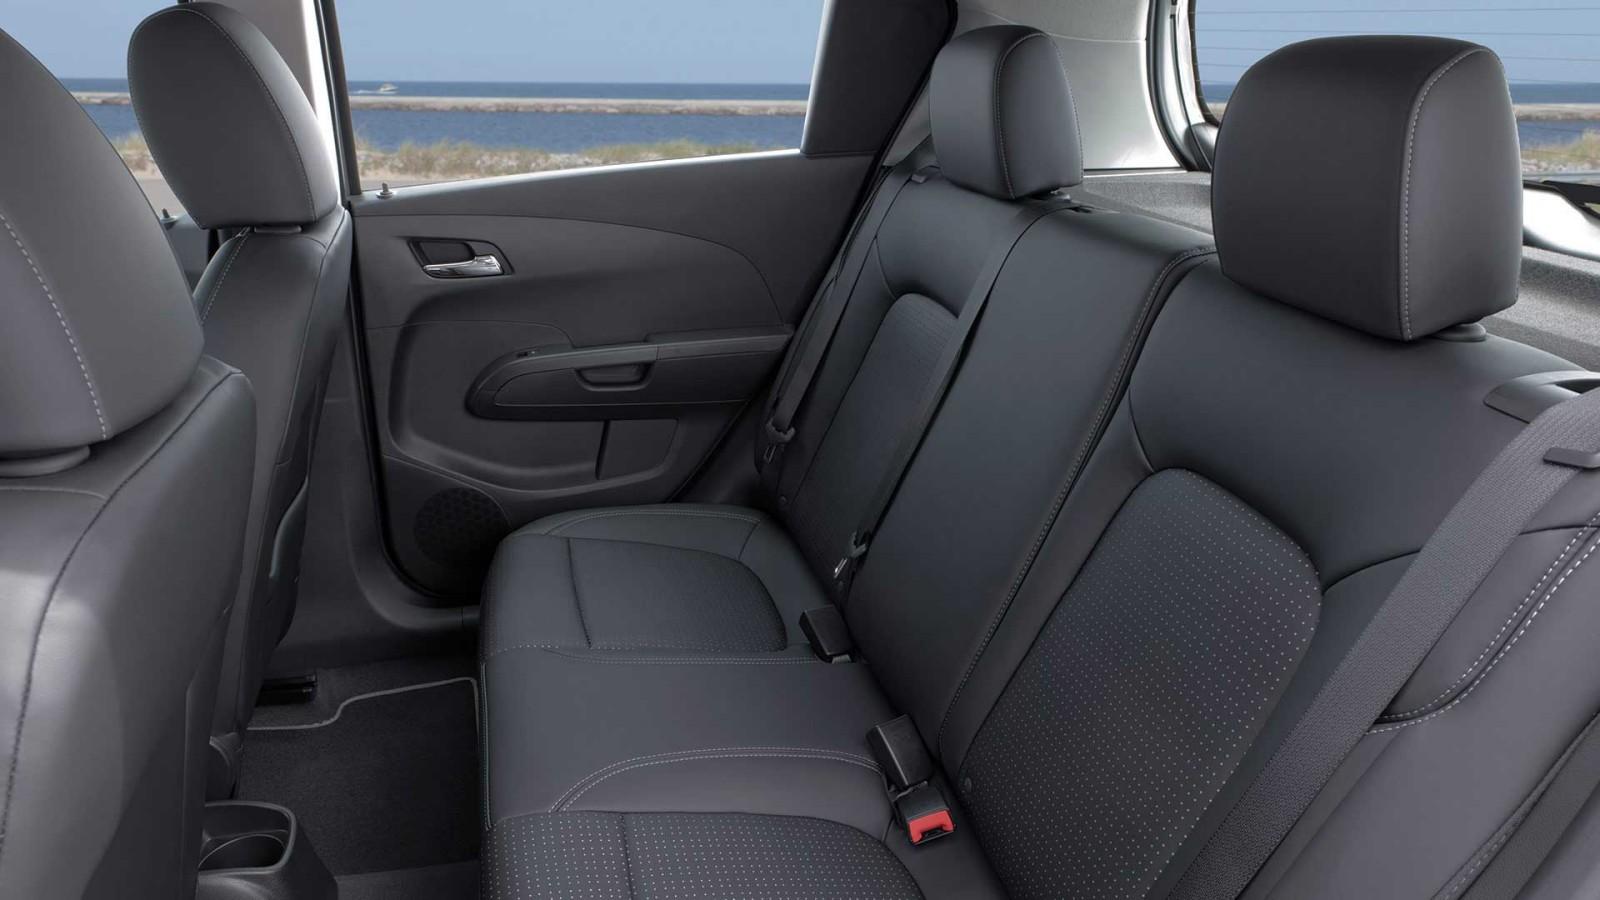 New Chevrolet Sonic Interior image 2